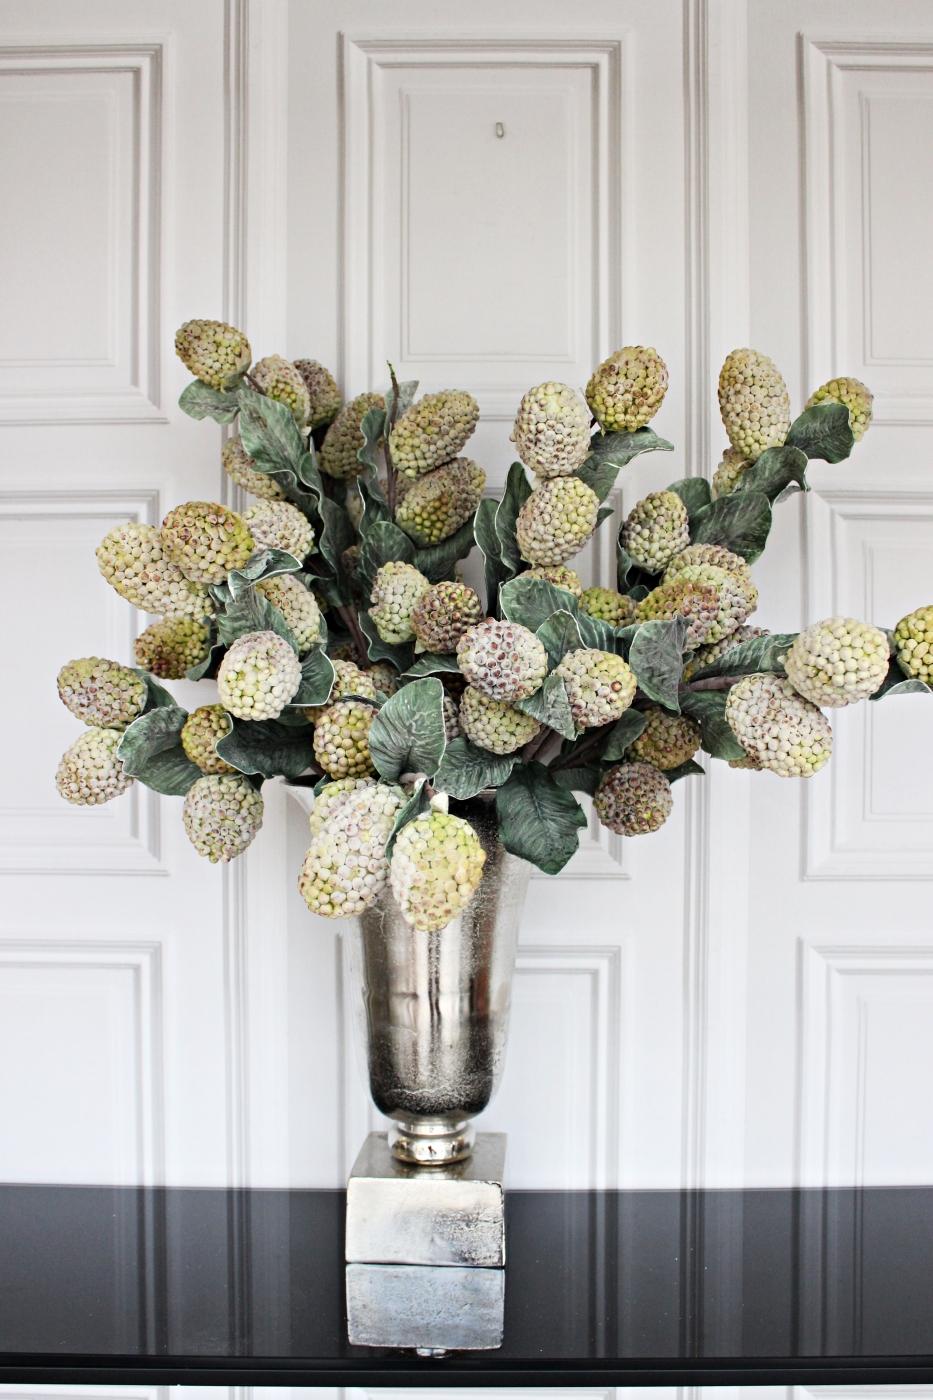 Kunstblume mit Blütenbällen und Blättern,